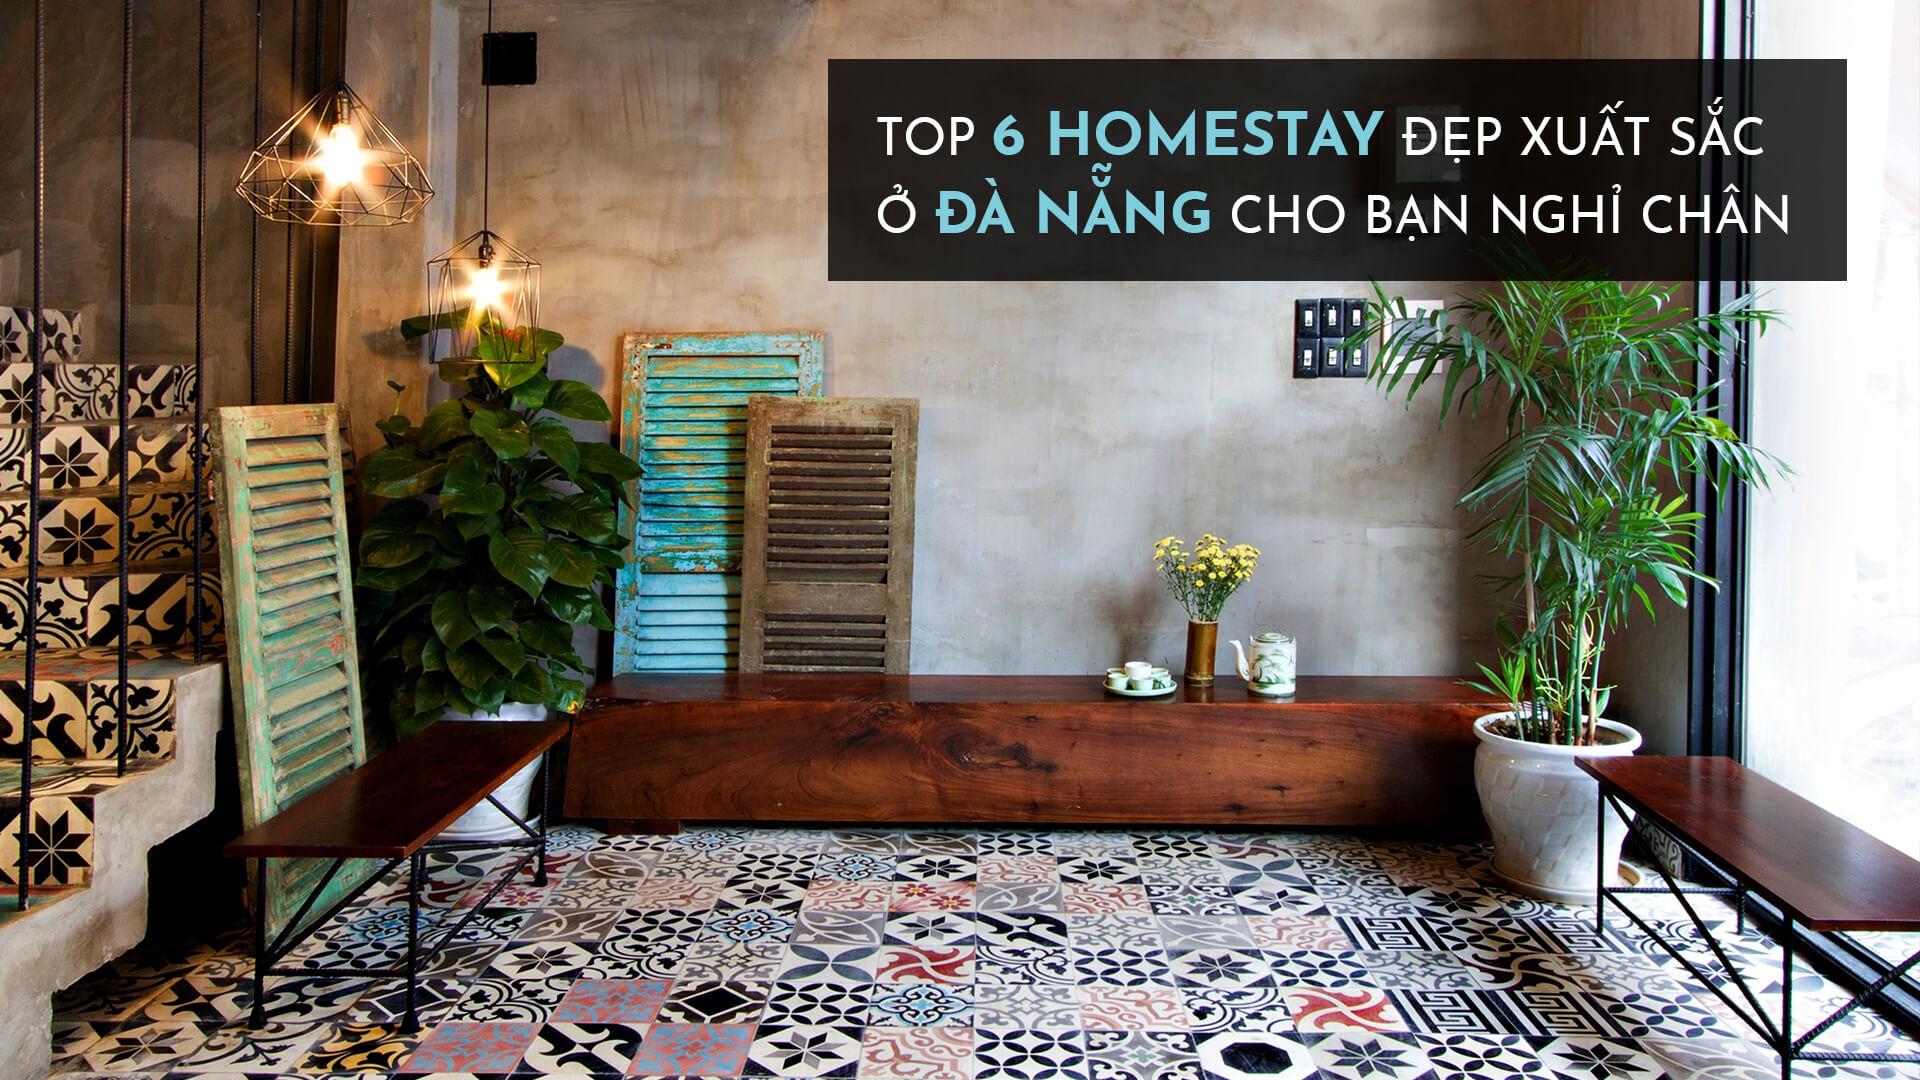 Top 6 homestay đẹp xuất sắc ở Đà Nẵng cho bạn nghỉ chân